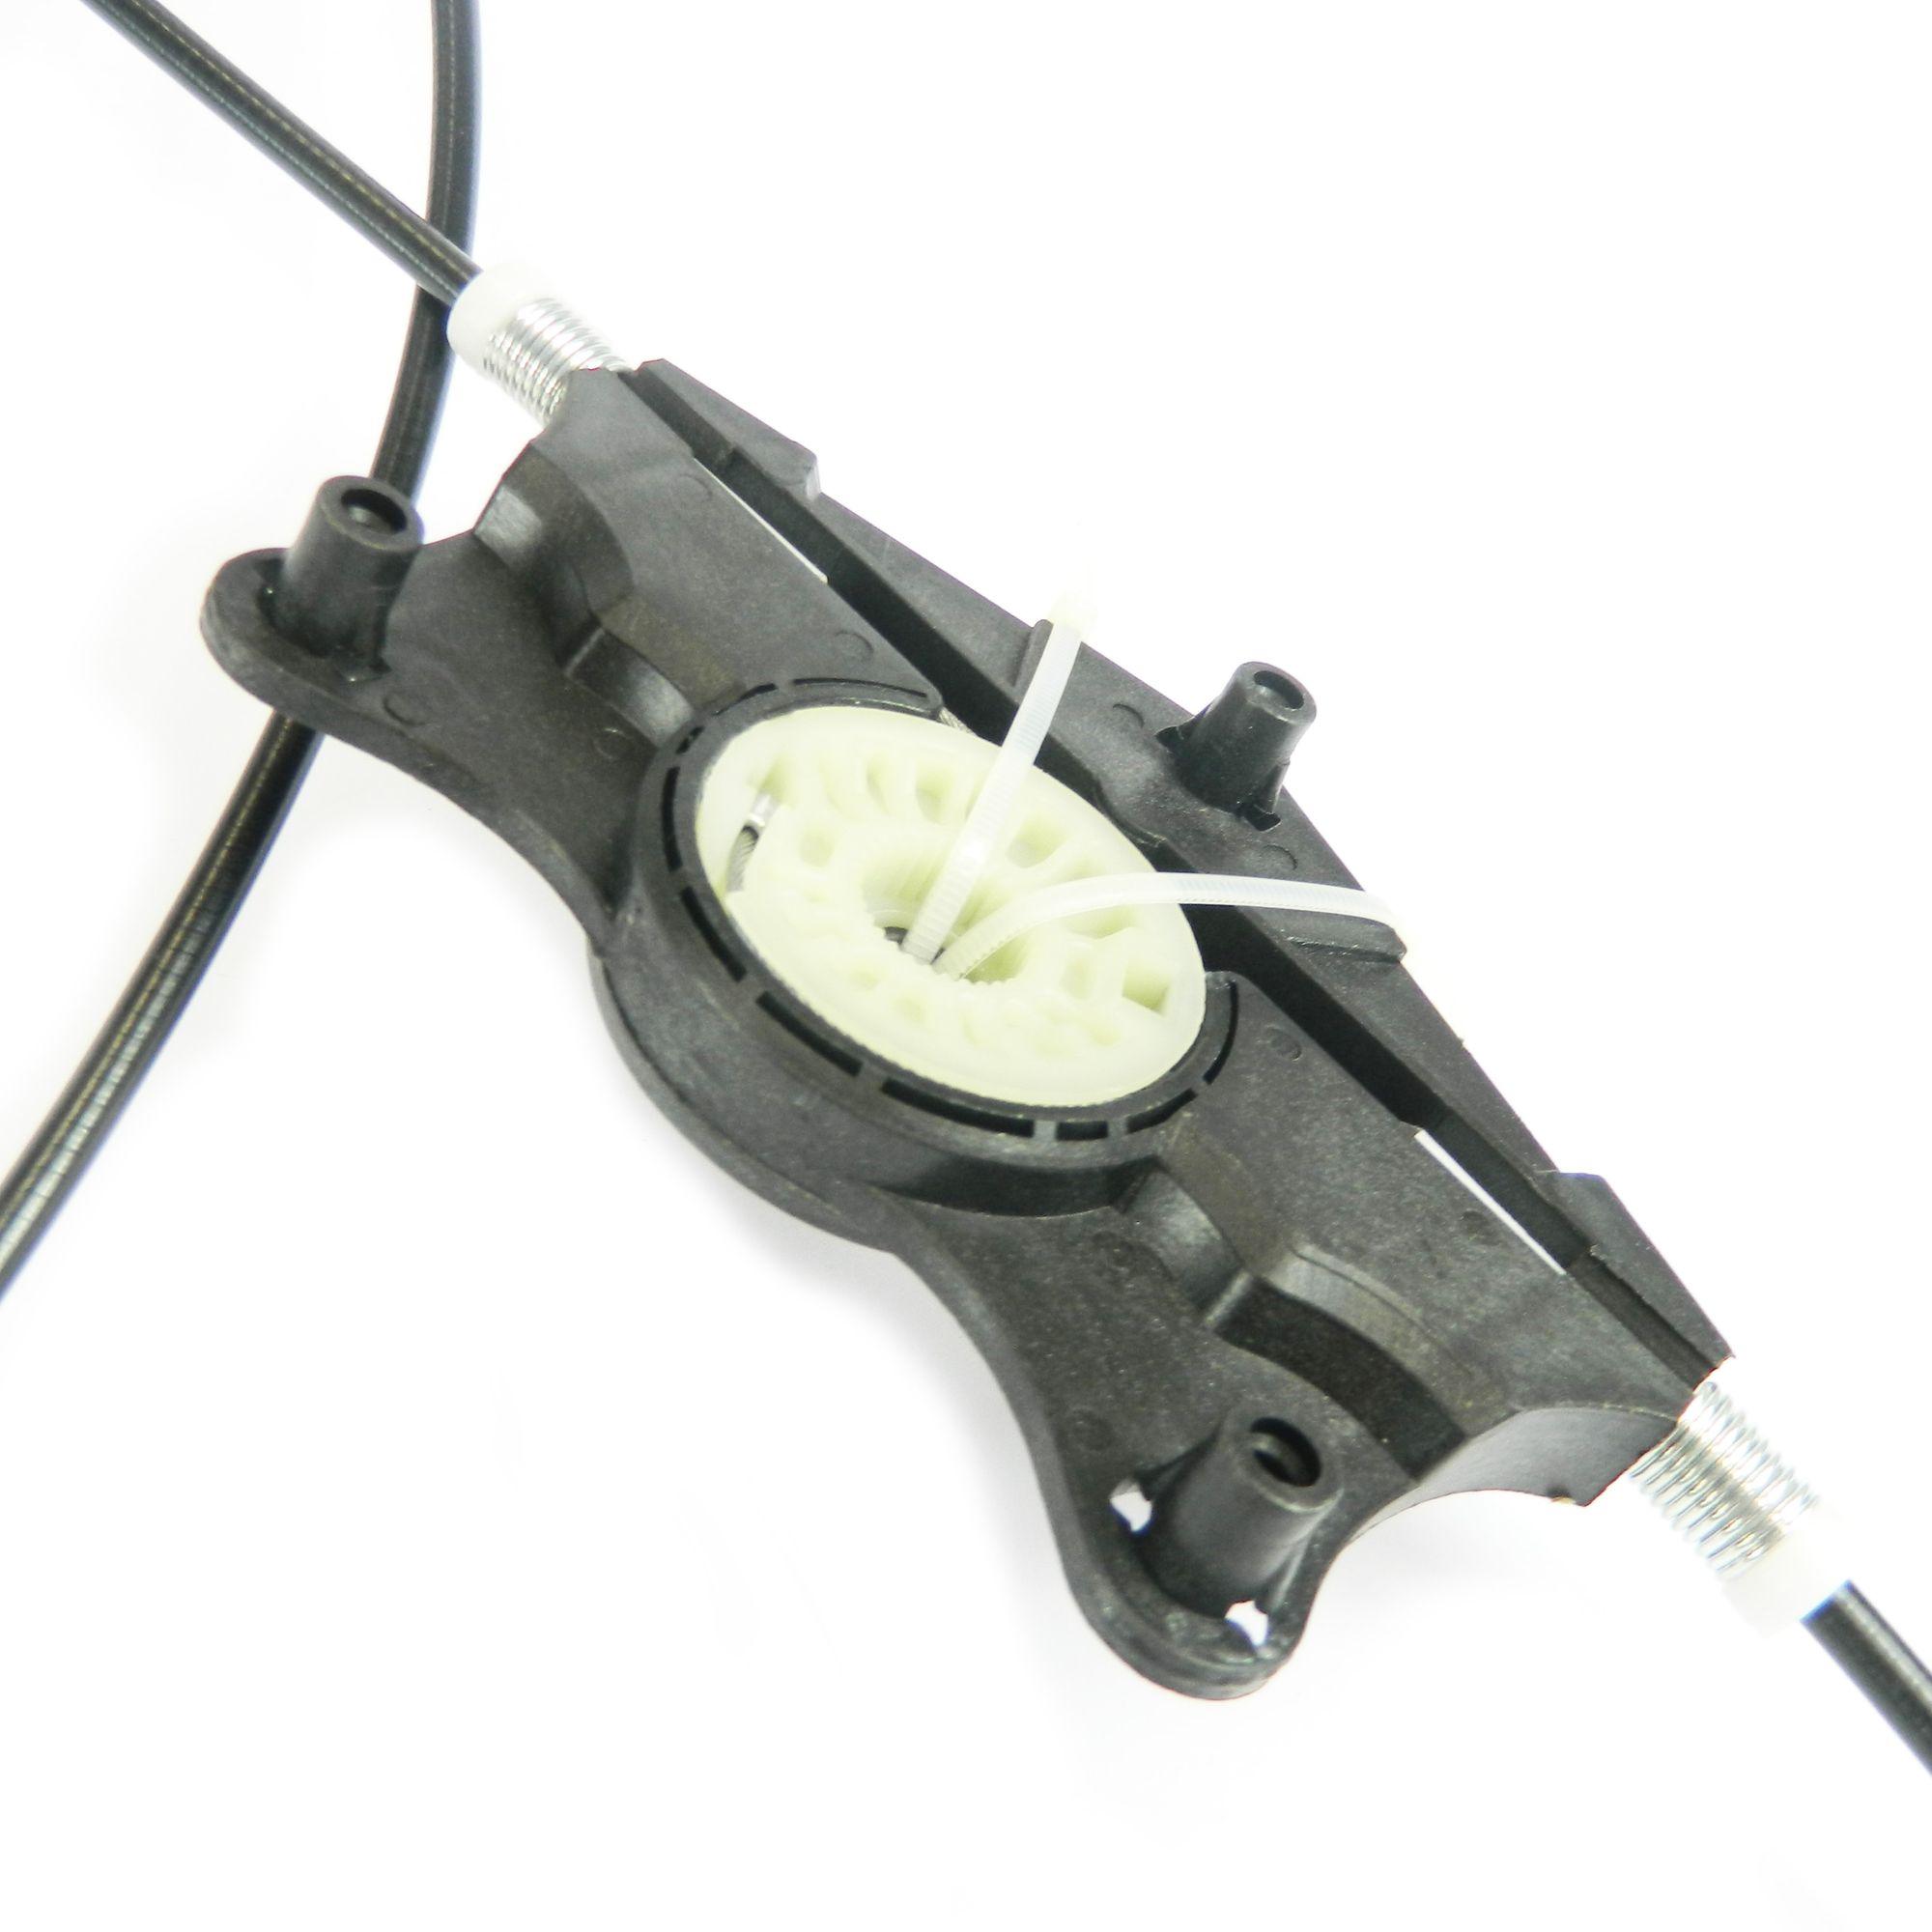 fensterheber elektrisch vorne links 1t1837461l vw touran. Black Bedroom Furniture Sets. Home Design Ideas